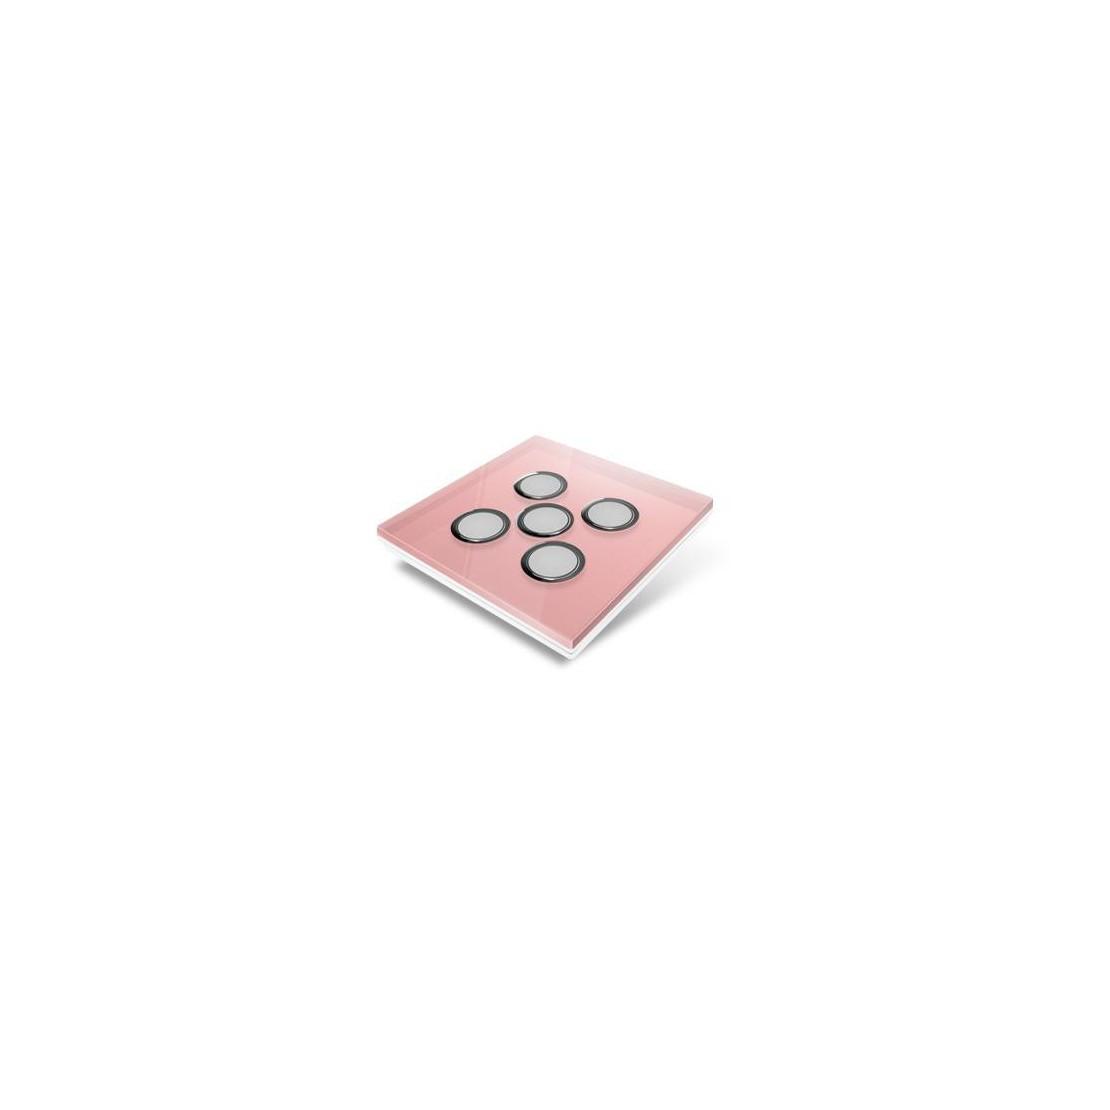 Plaque de recouvrement pour interrupteur Edisio - crystal Rose